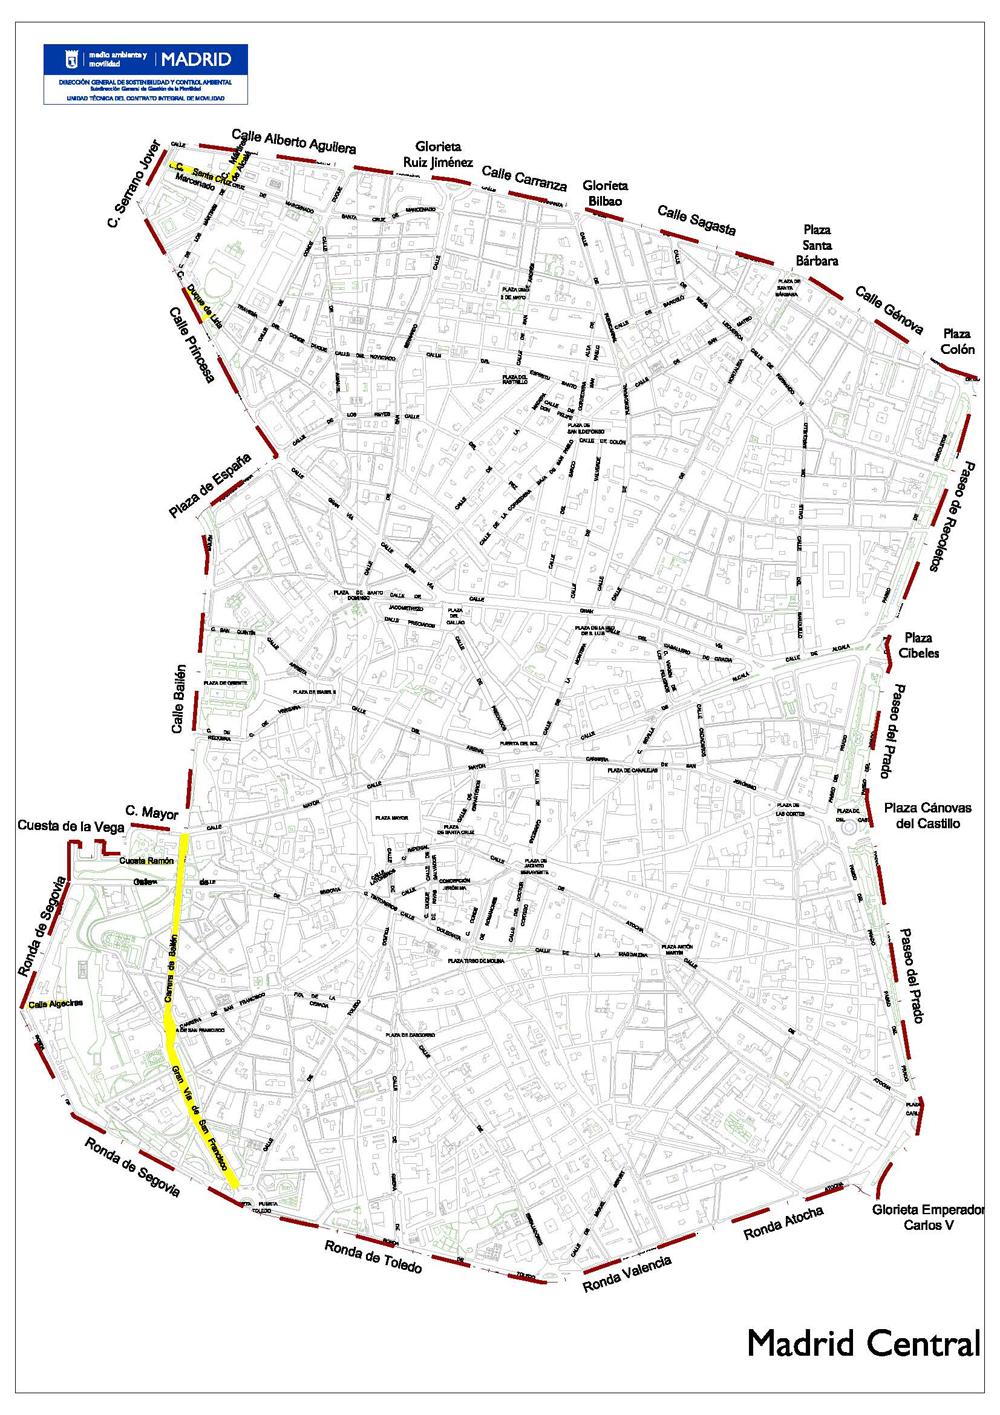 Restricciones Tráfico Madrid Mapa.Restricciones Al Trafico Madrid Central Que Debes Saber